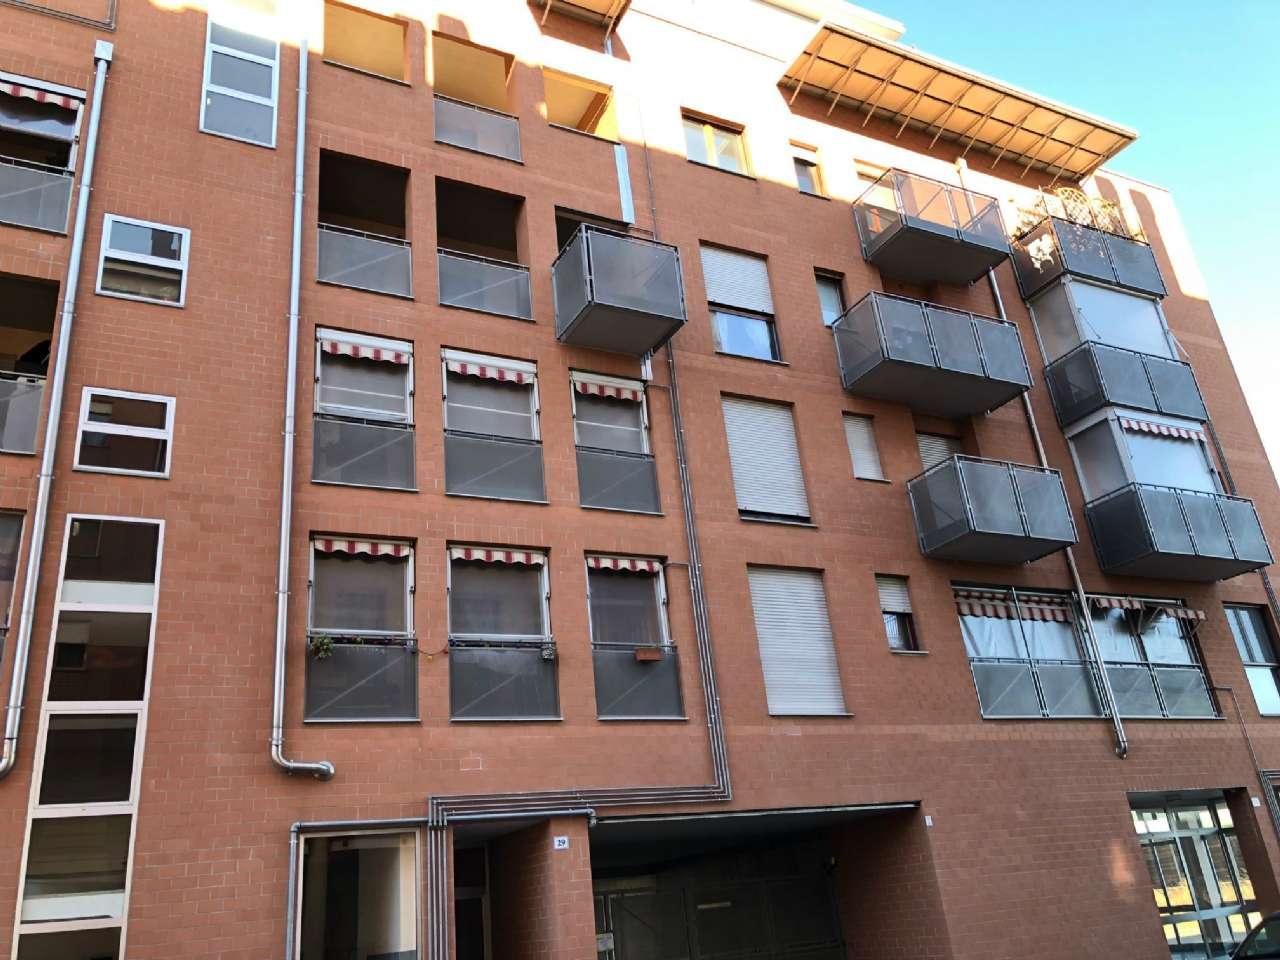 Appartamento in vendita Zona Madonna di Campagna, Borgo Vittoria... - via QUINCINETTO 33/5 Torino